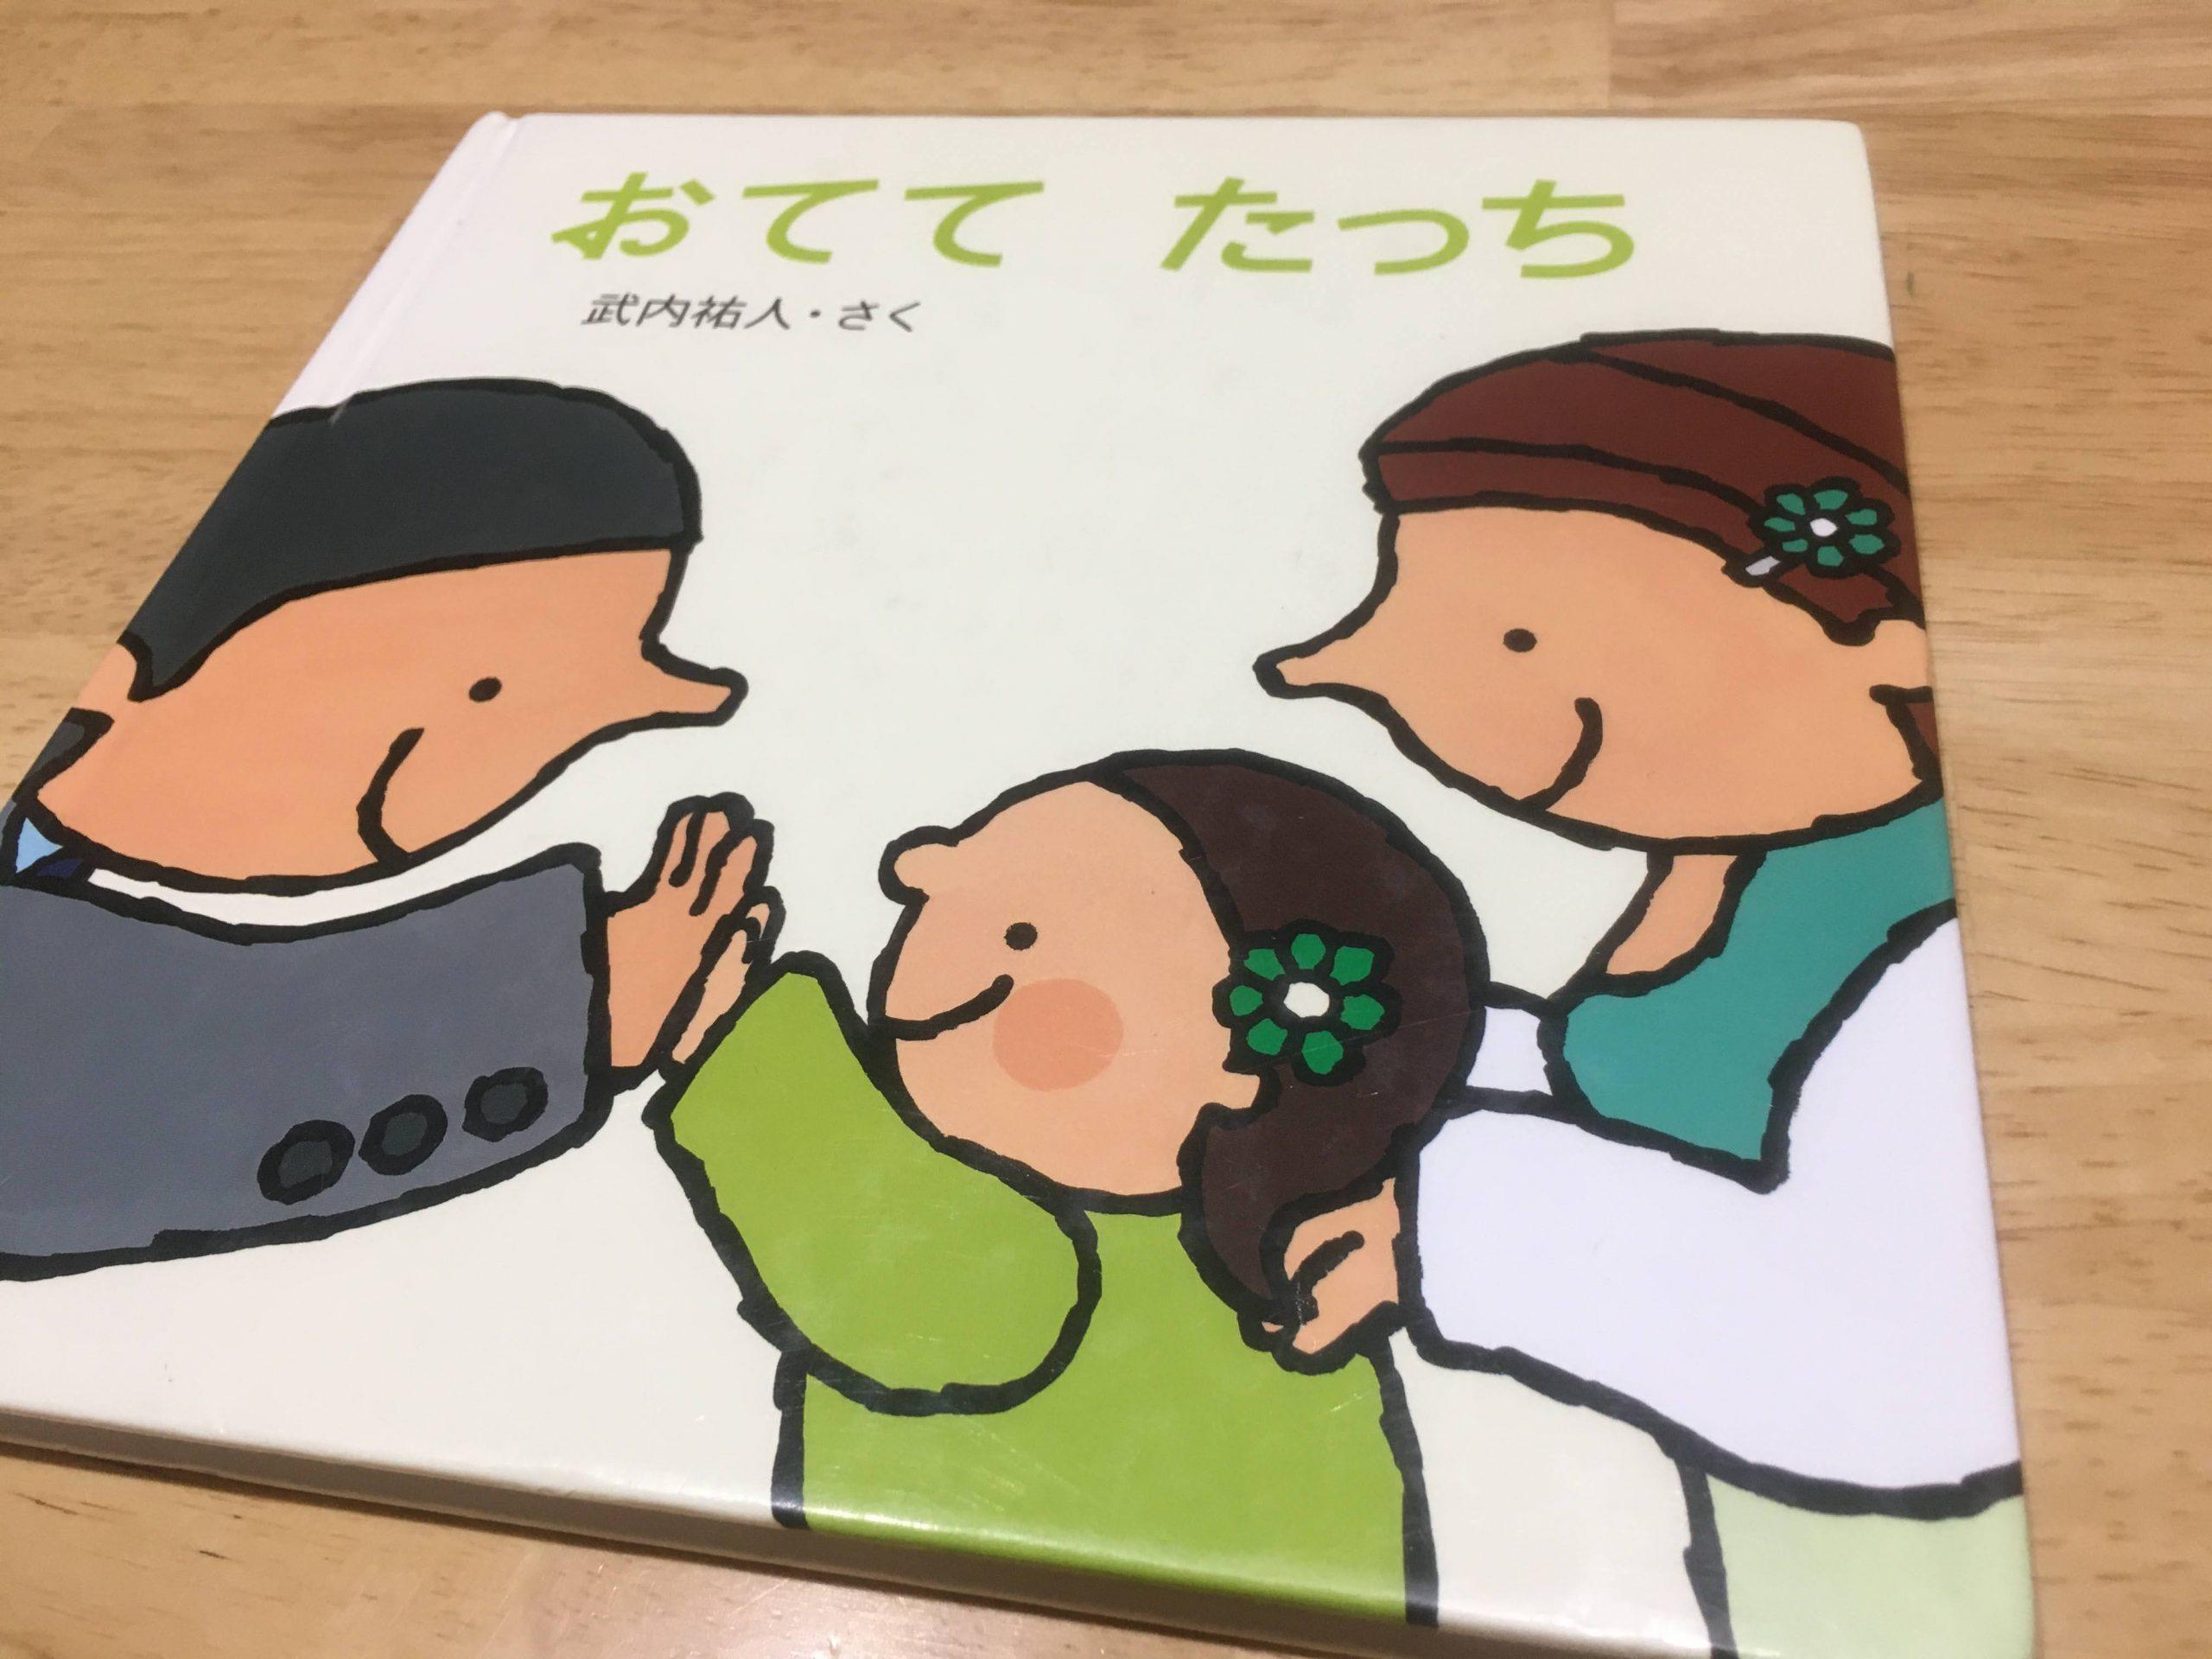 絵本おててたっちの魅力を3児のパパがレビュー【絵本のいろんな読み聞かせ方など】